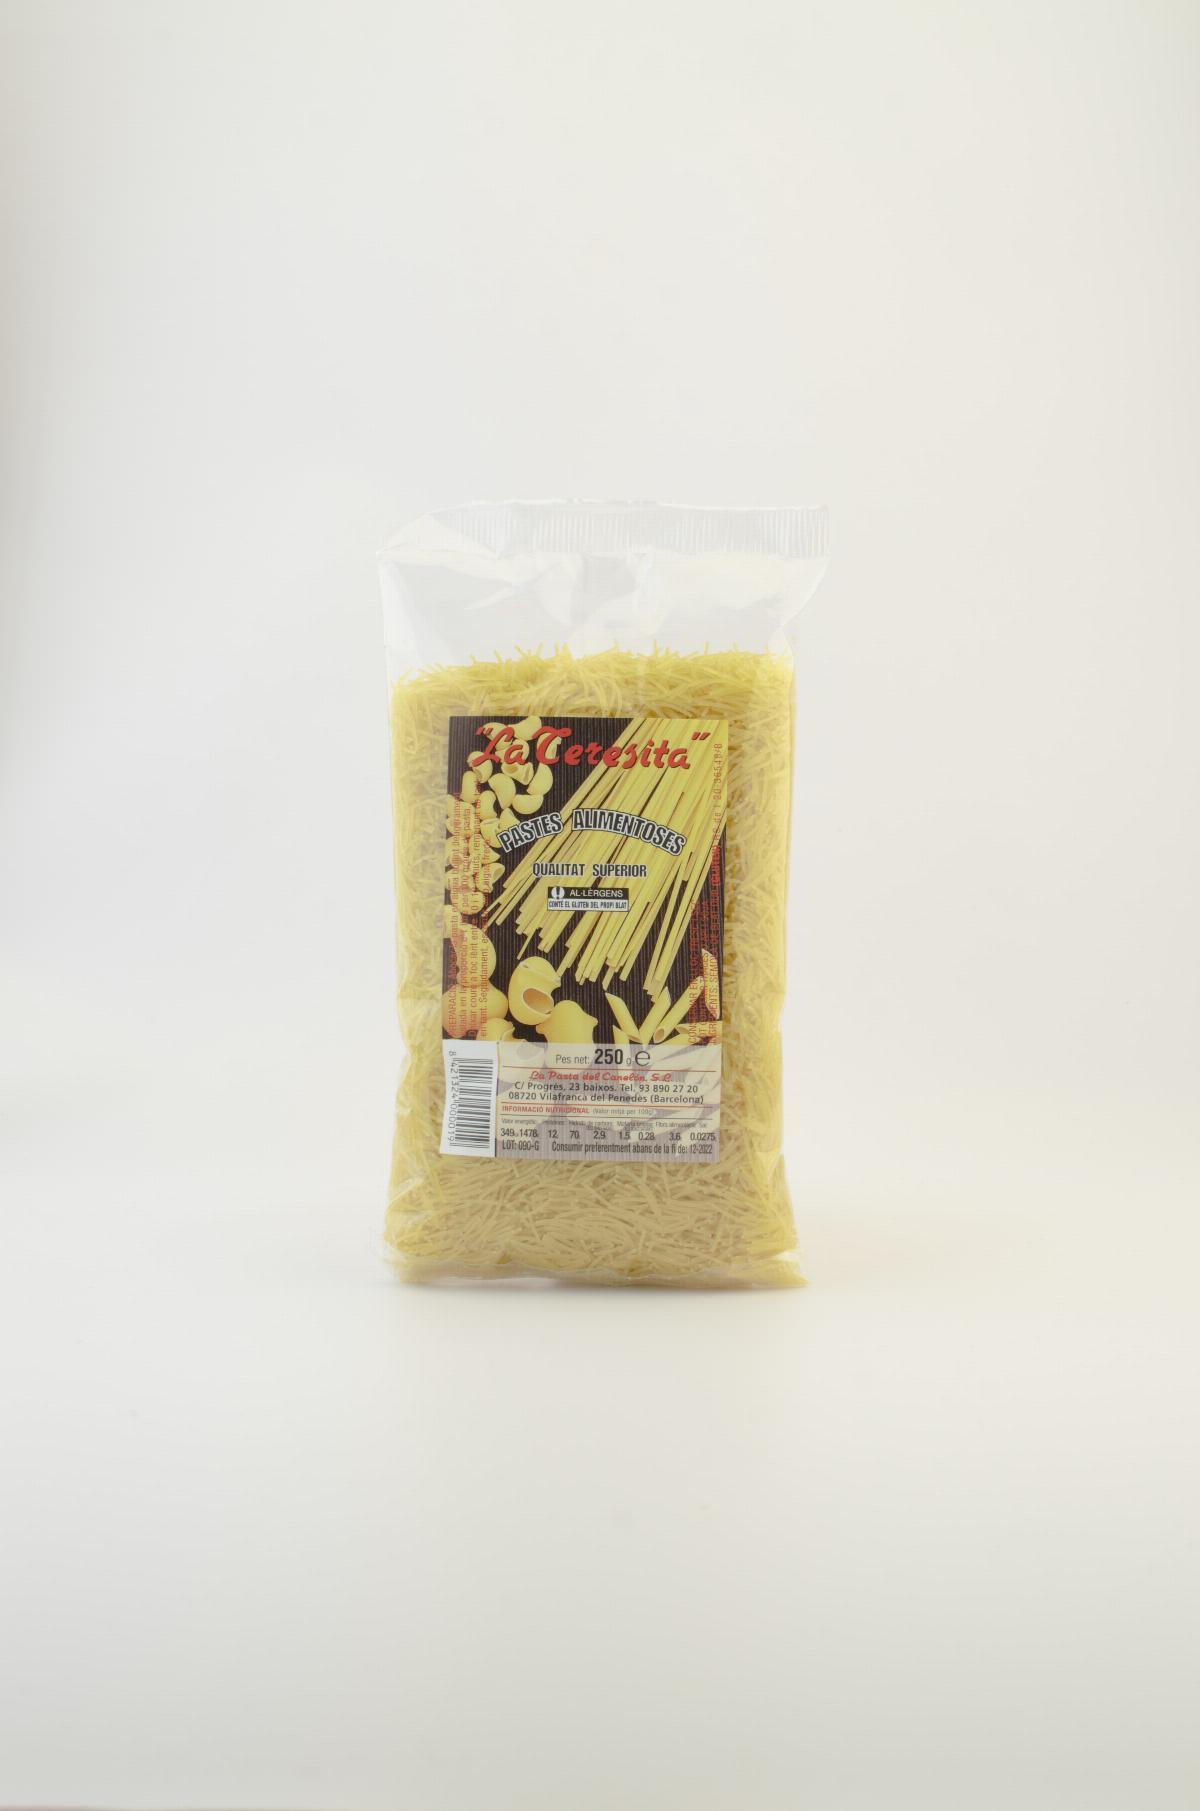 Pasta tradicional sopa de fideus cabell d'àngel La Teresita 250g